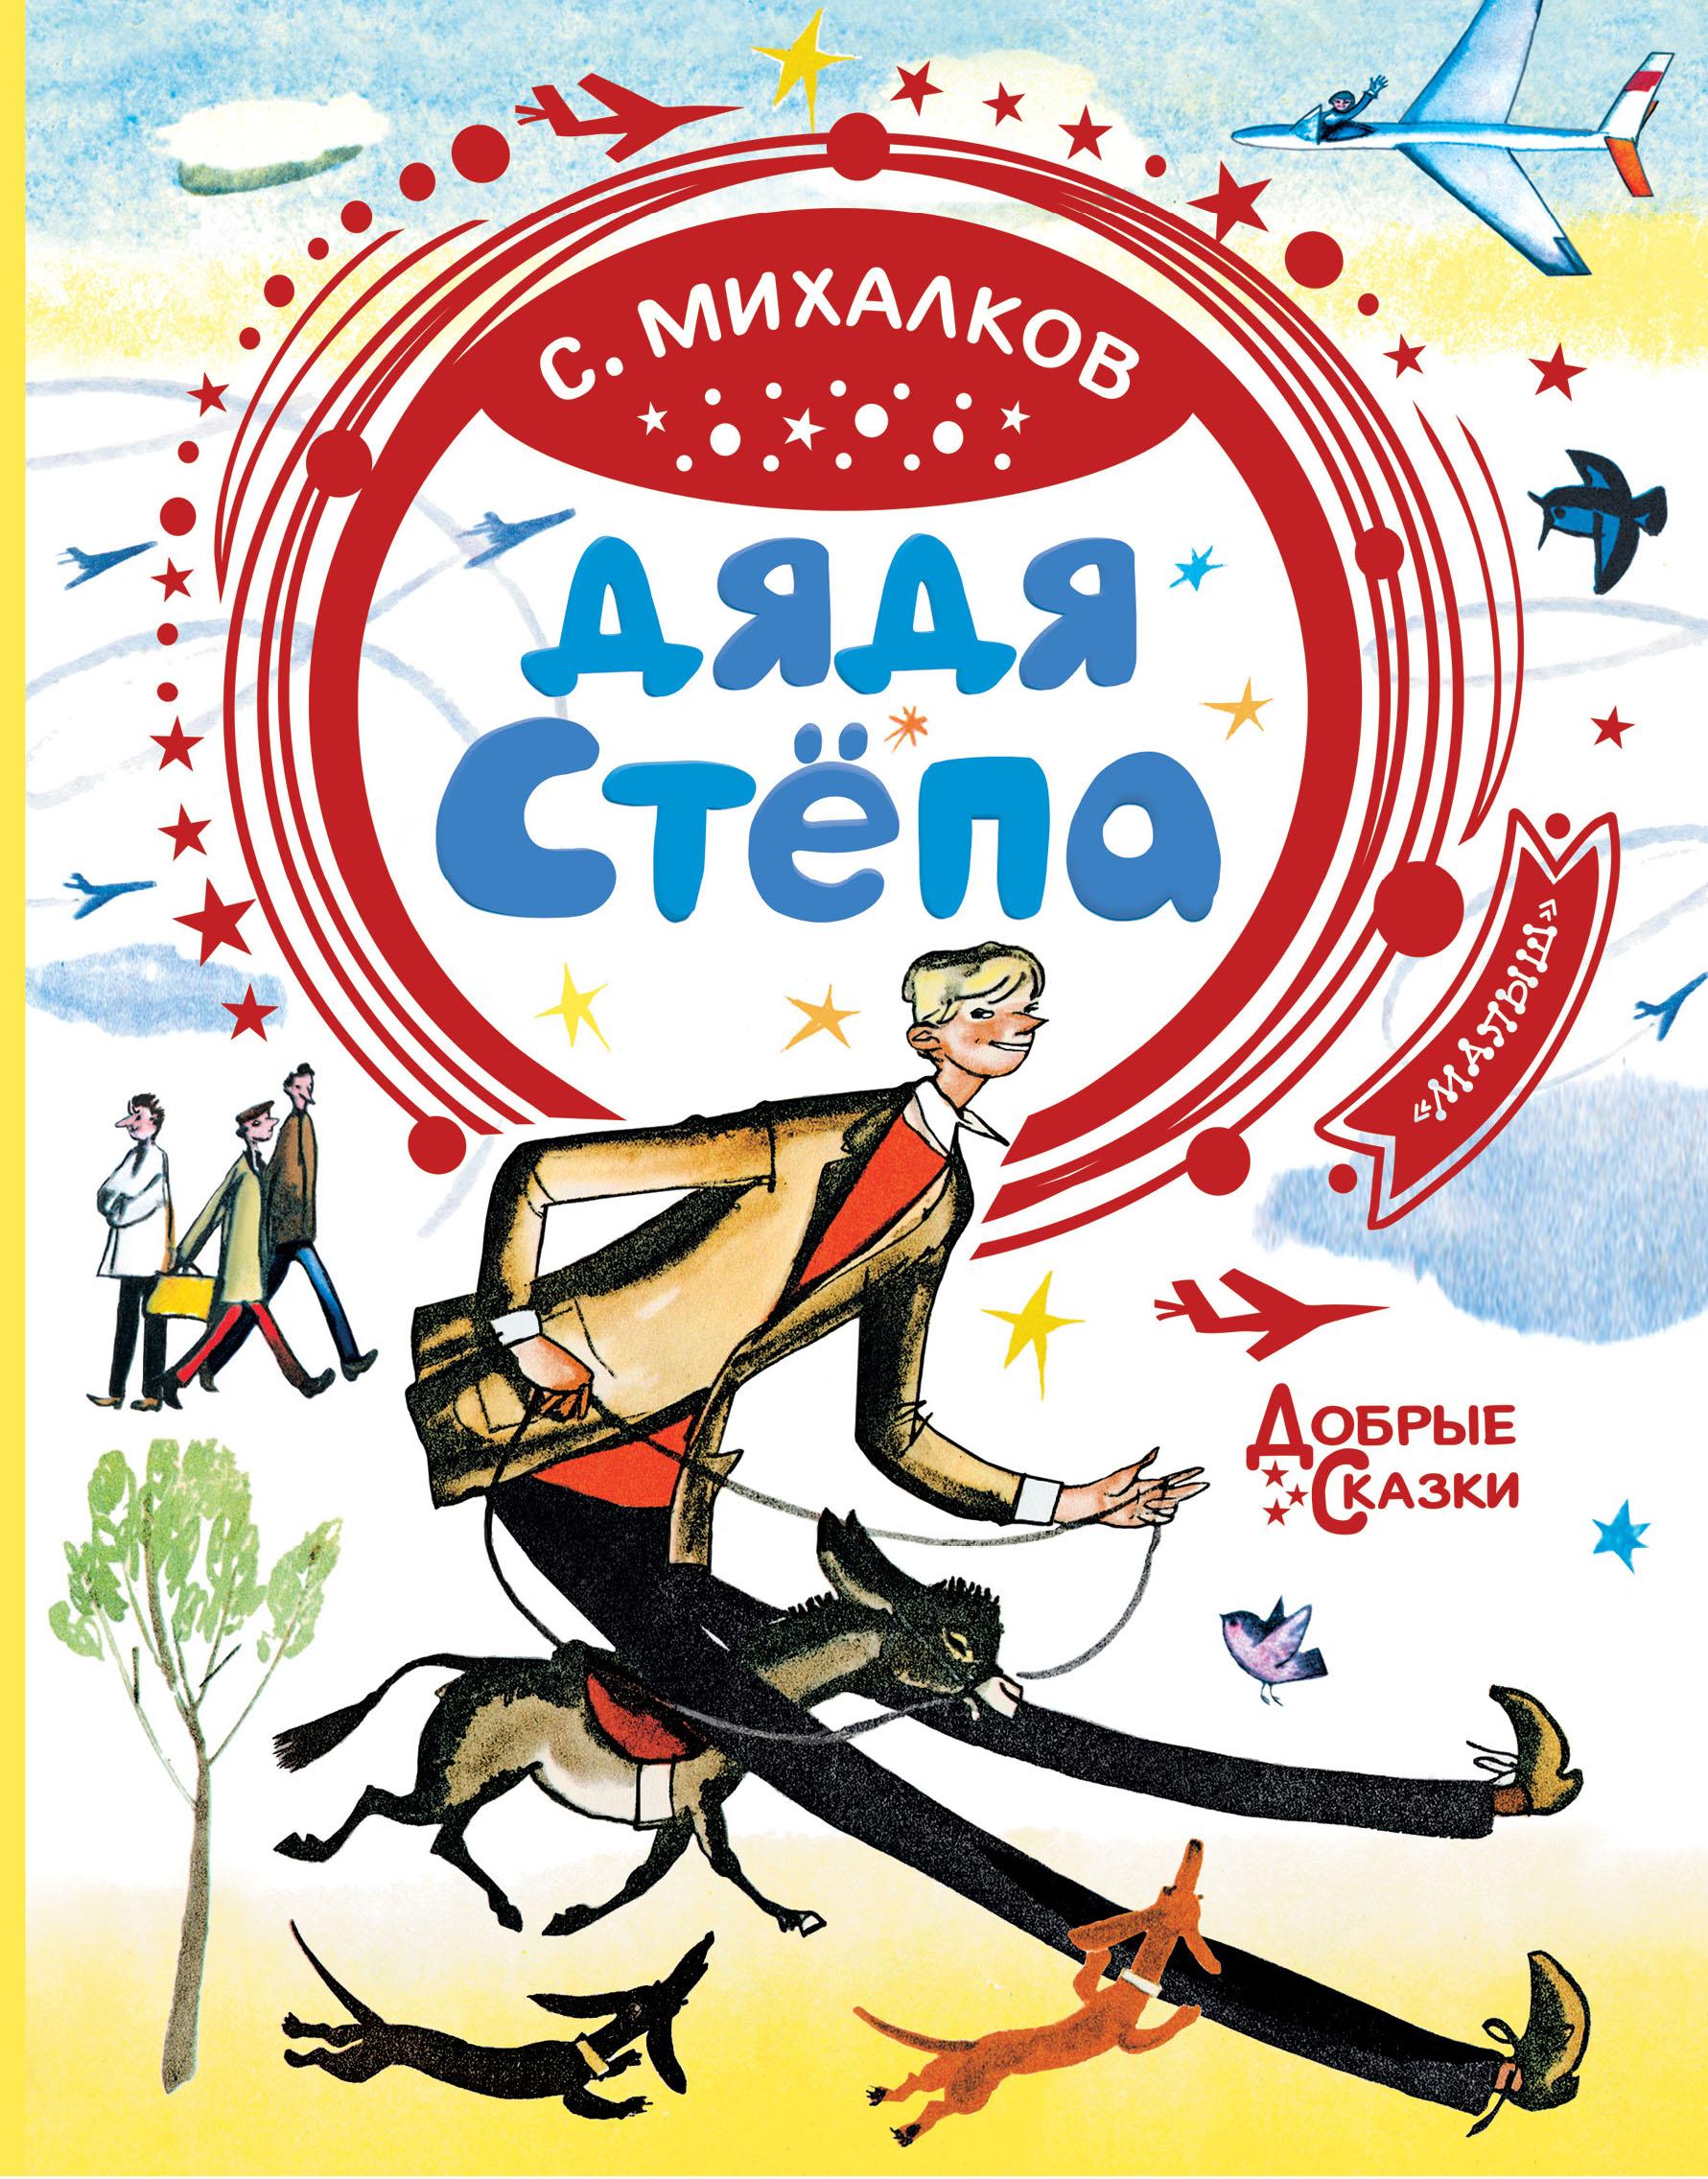 Михалков С.В. Дядя Стёпа михалков с в дядя стёпа поэма стихи